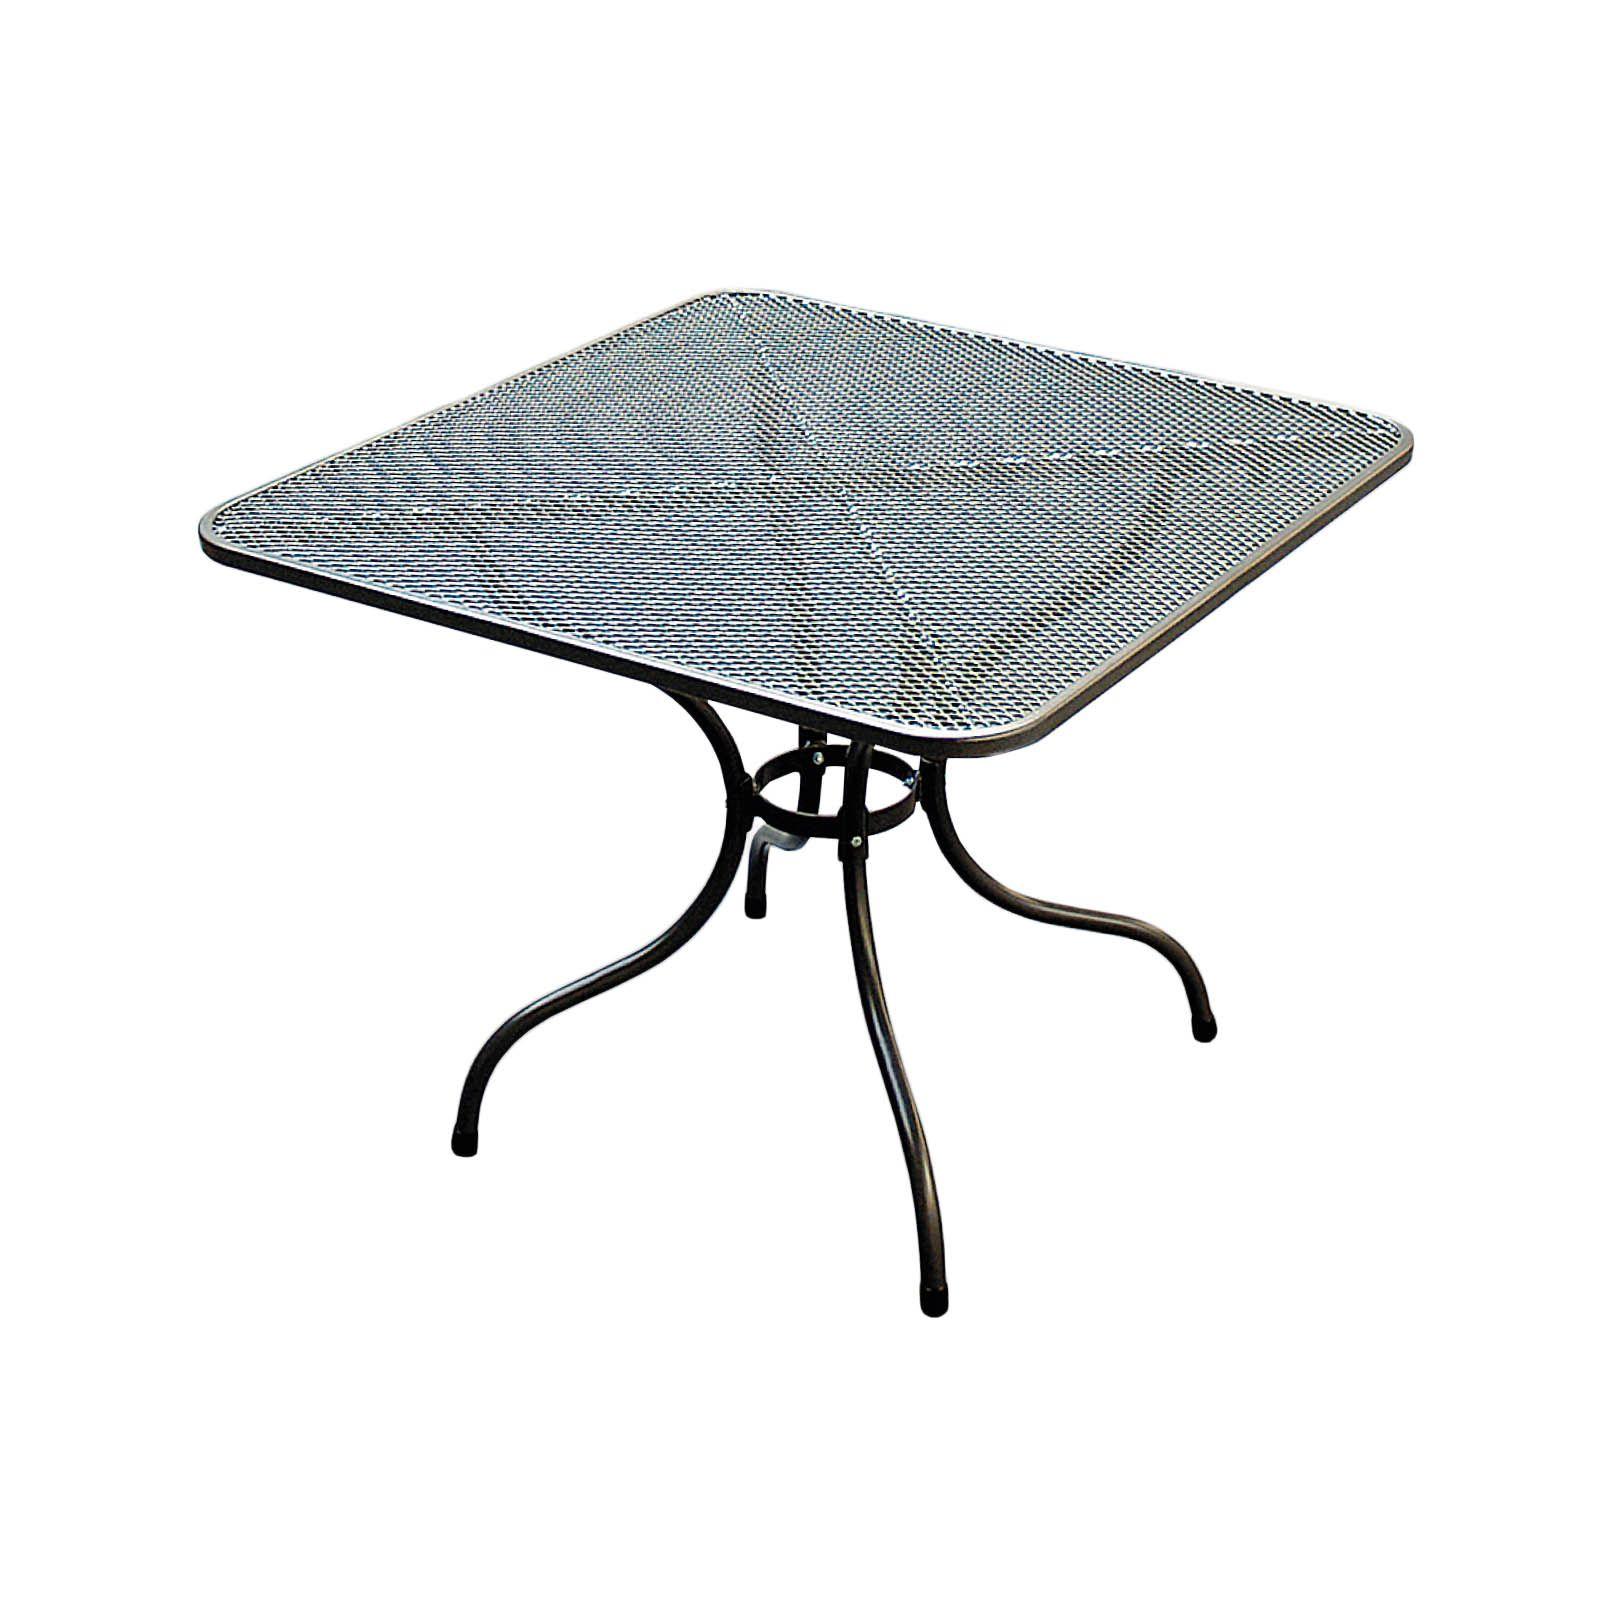 TAKO 105 x 105 cm stůl kovový Unikov - vše pro venkovní posezení na zahradě a na terase